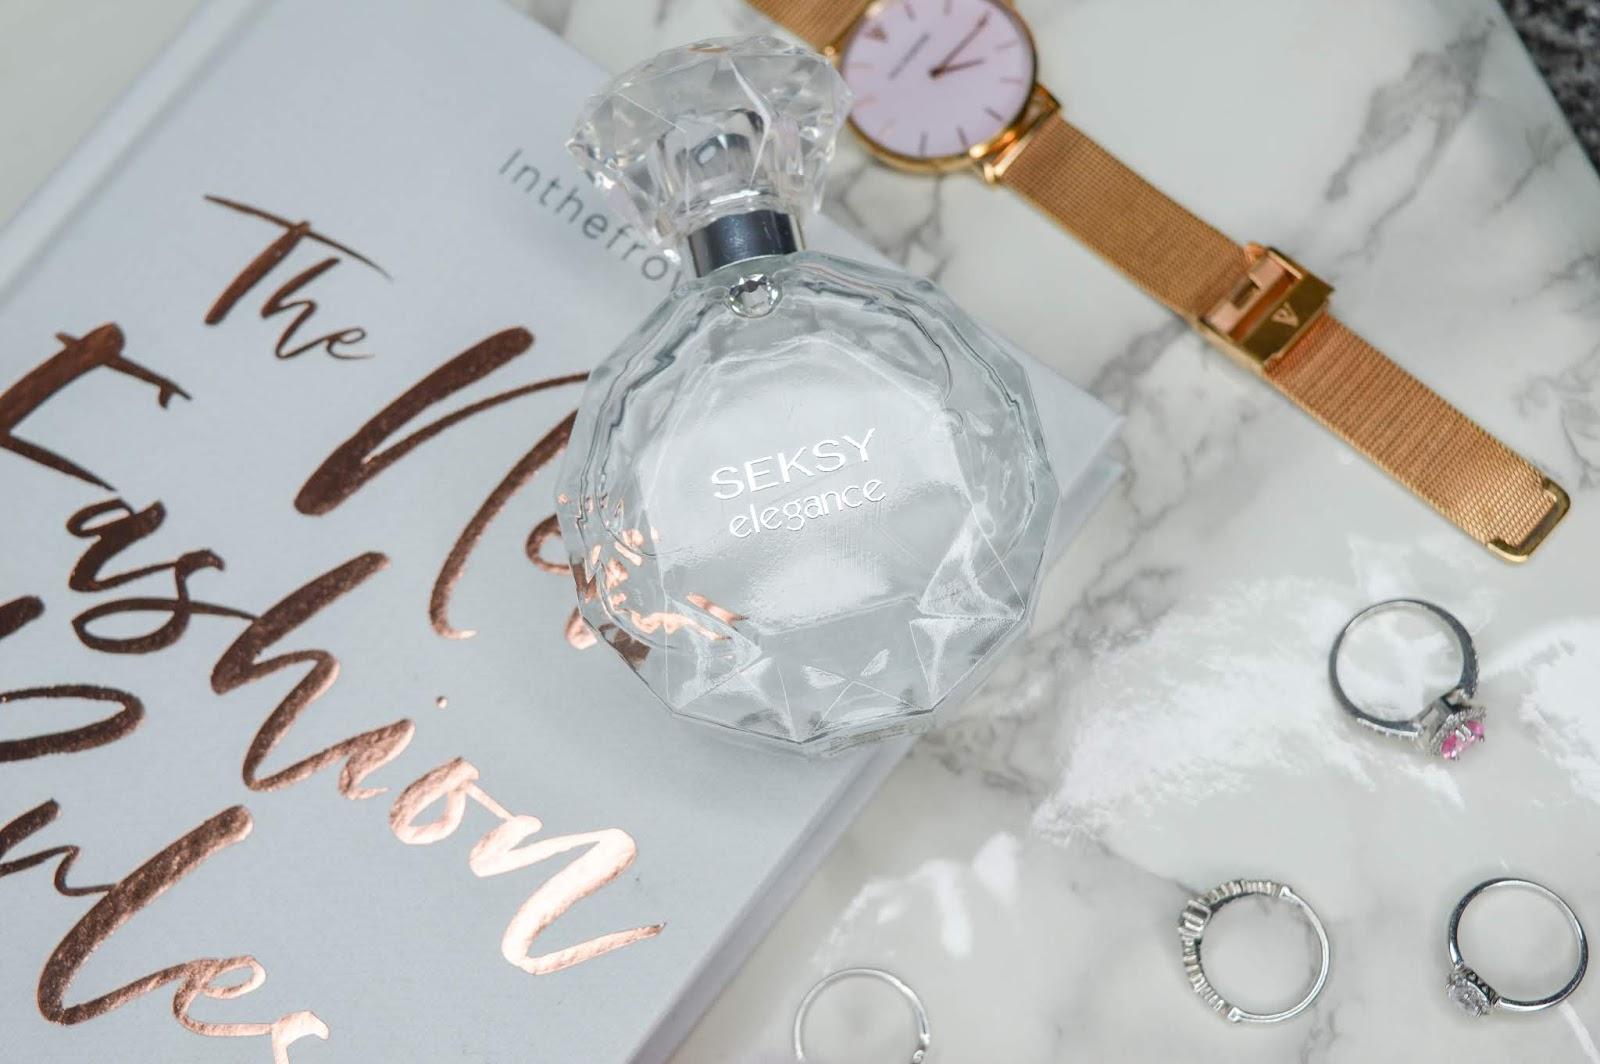 Seksy Elegance Perfume